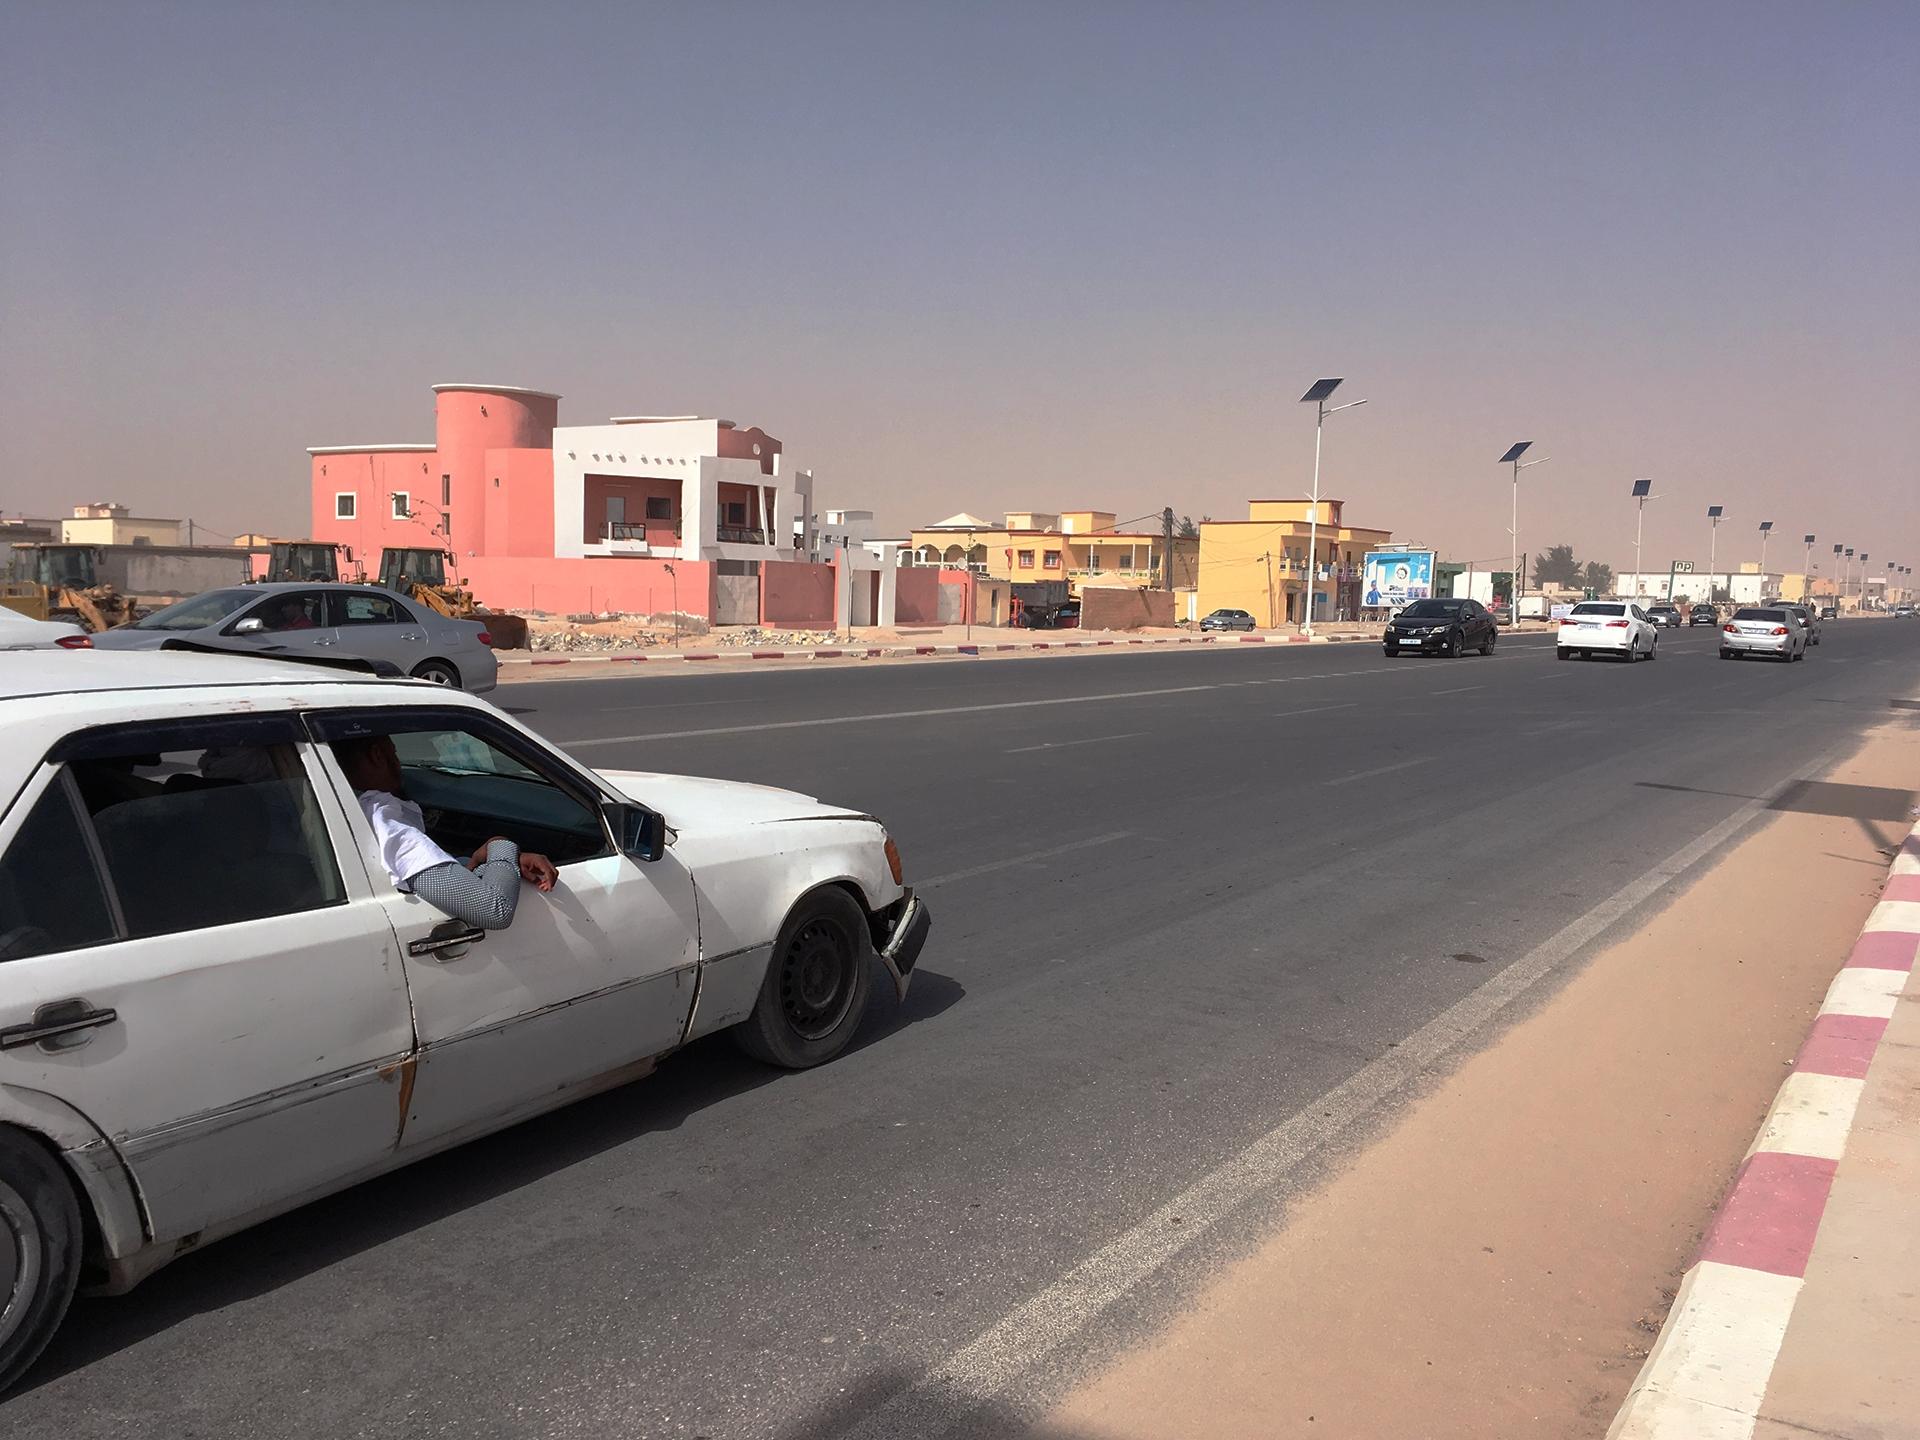 nouakchott pablocaminante mauritania 1 - Mauritania 3/5, Nouakchott